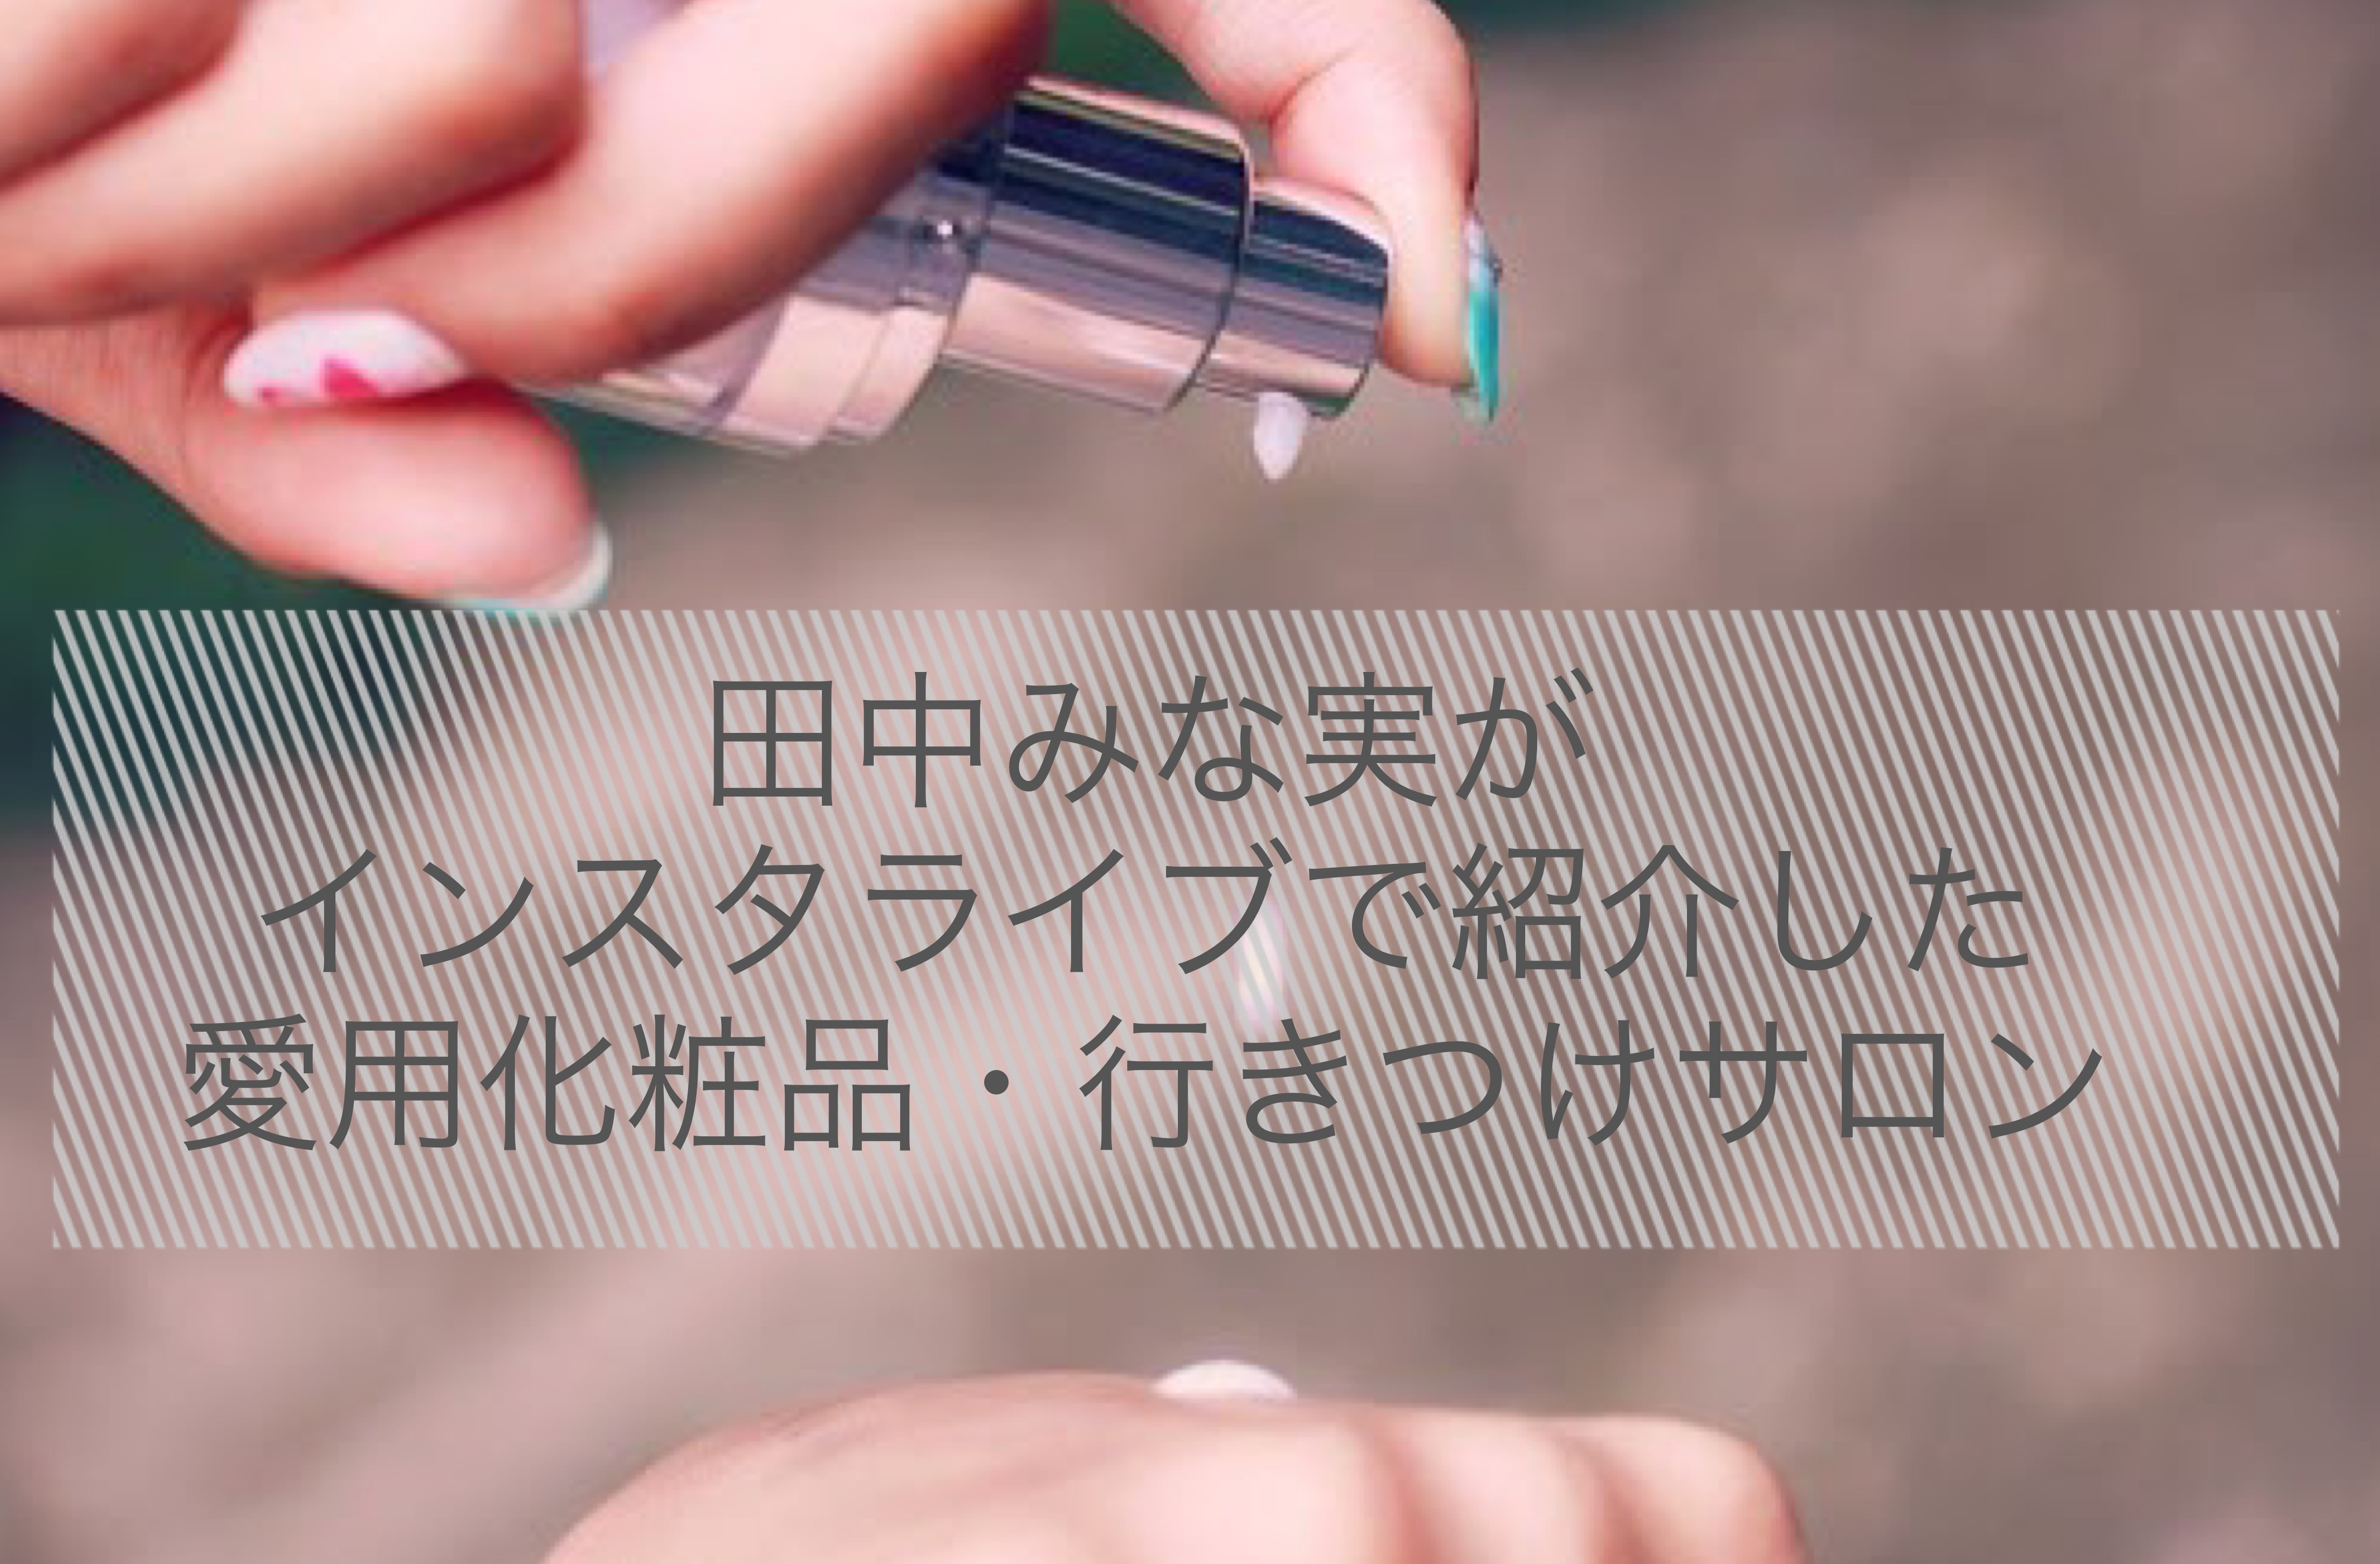 田中みな実インスタライブ 化粧品